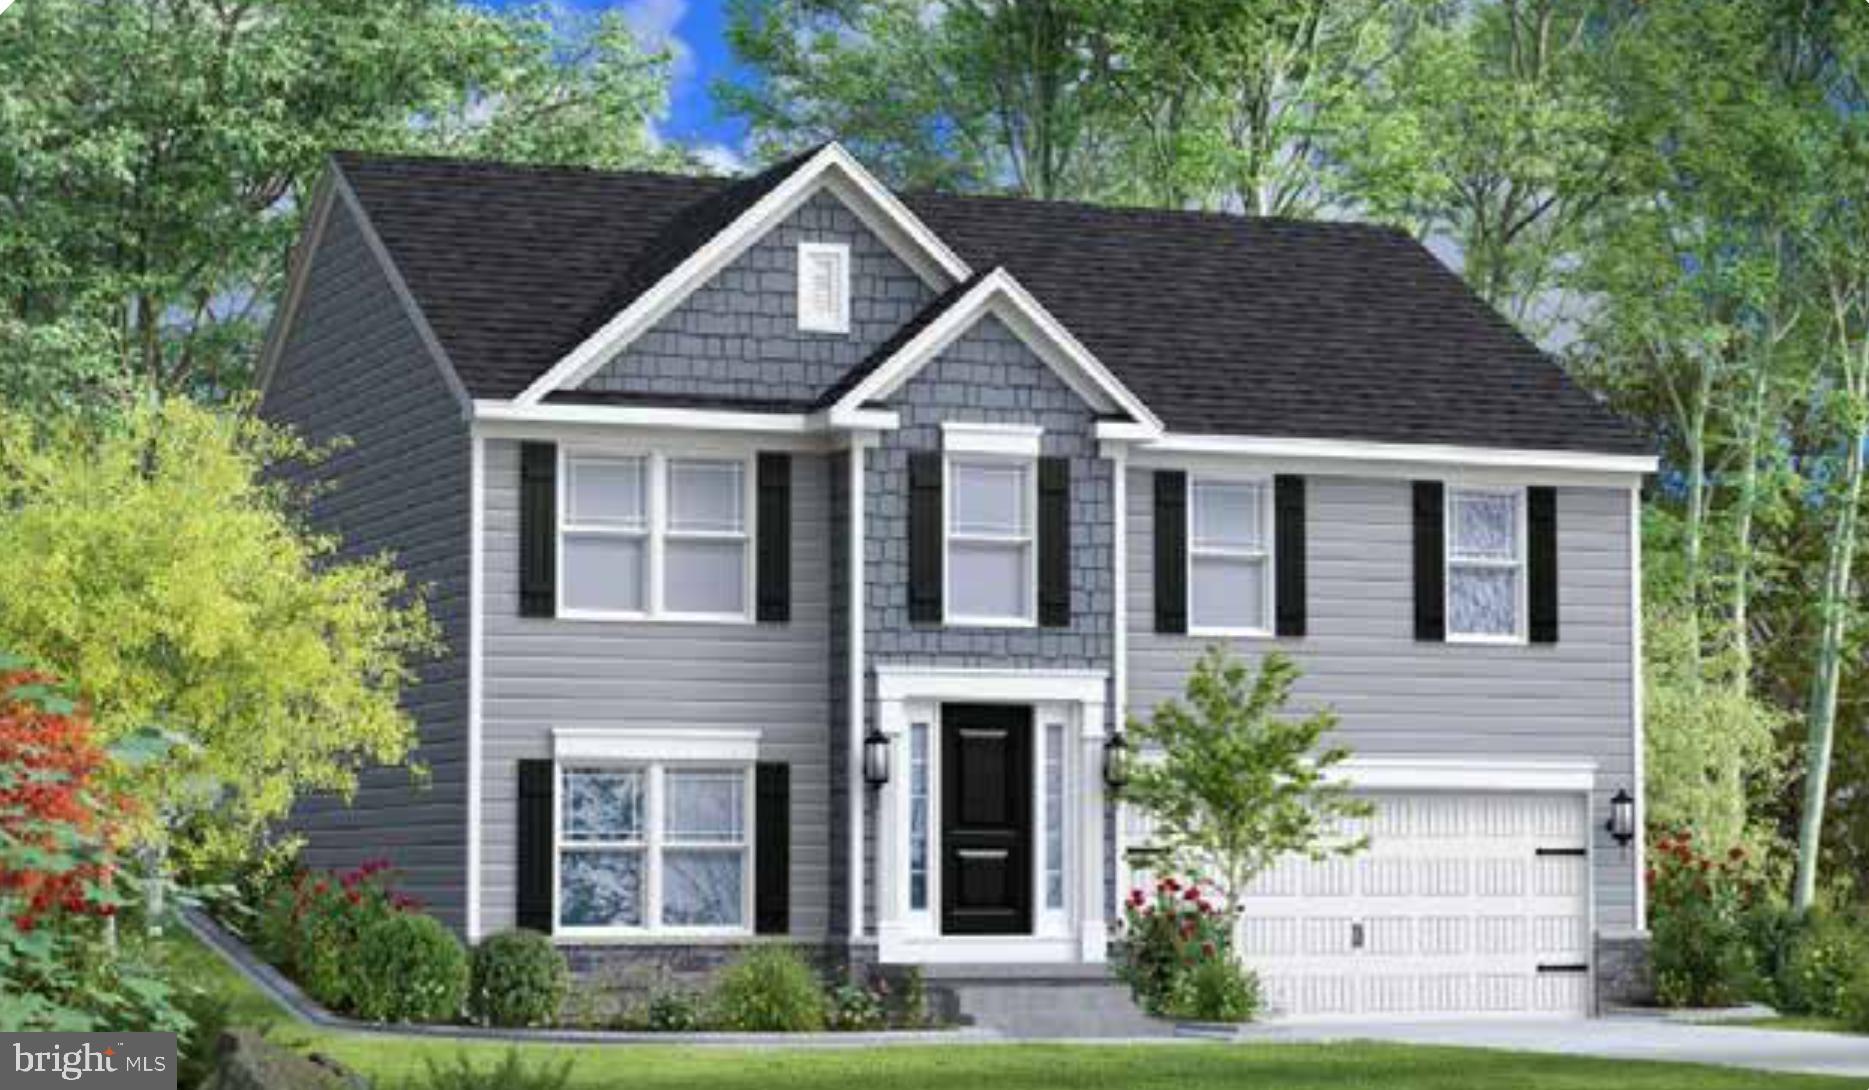 Lot 555 Sloop Ct, Greenbackville, VA, 23356